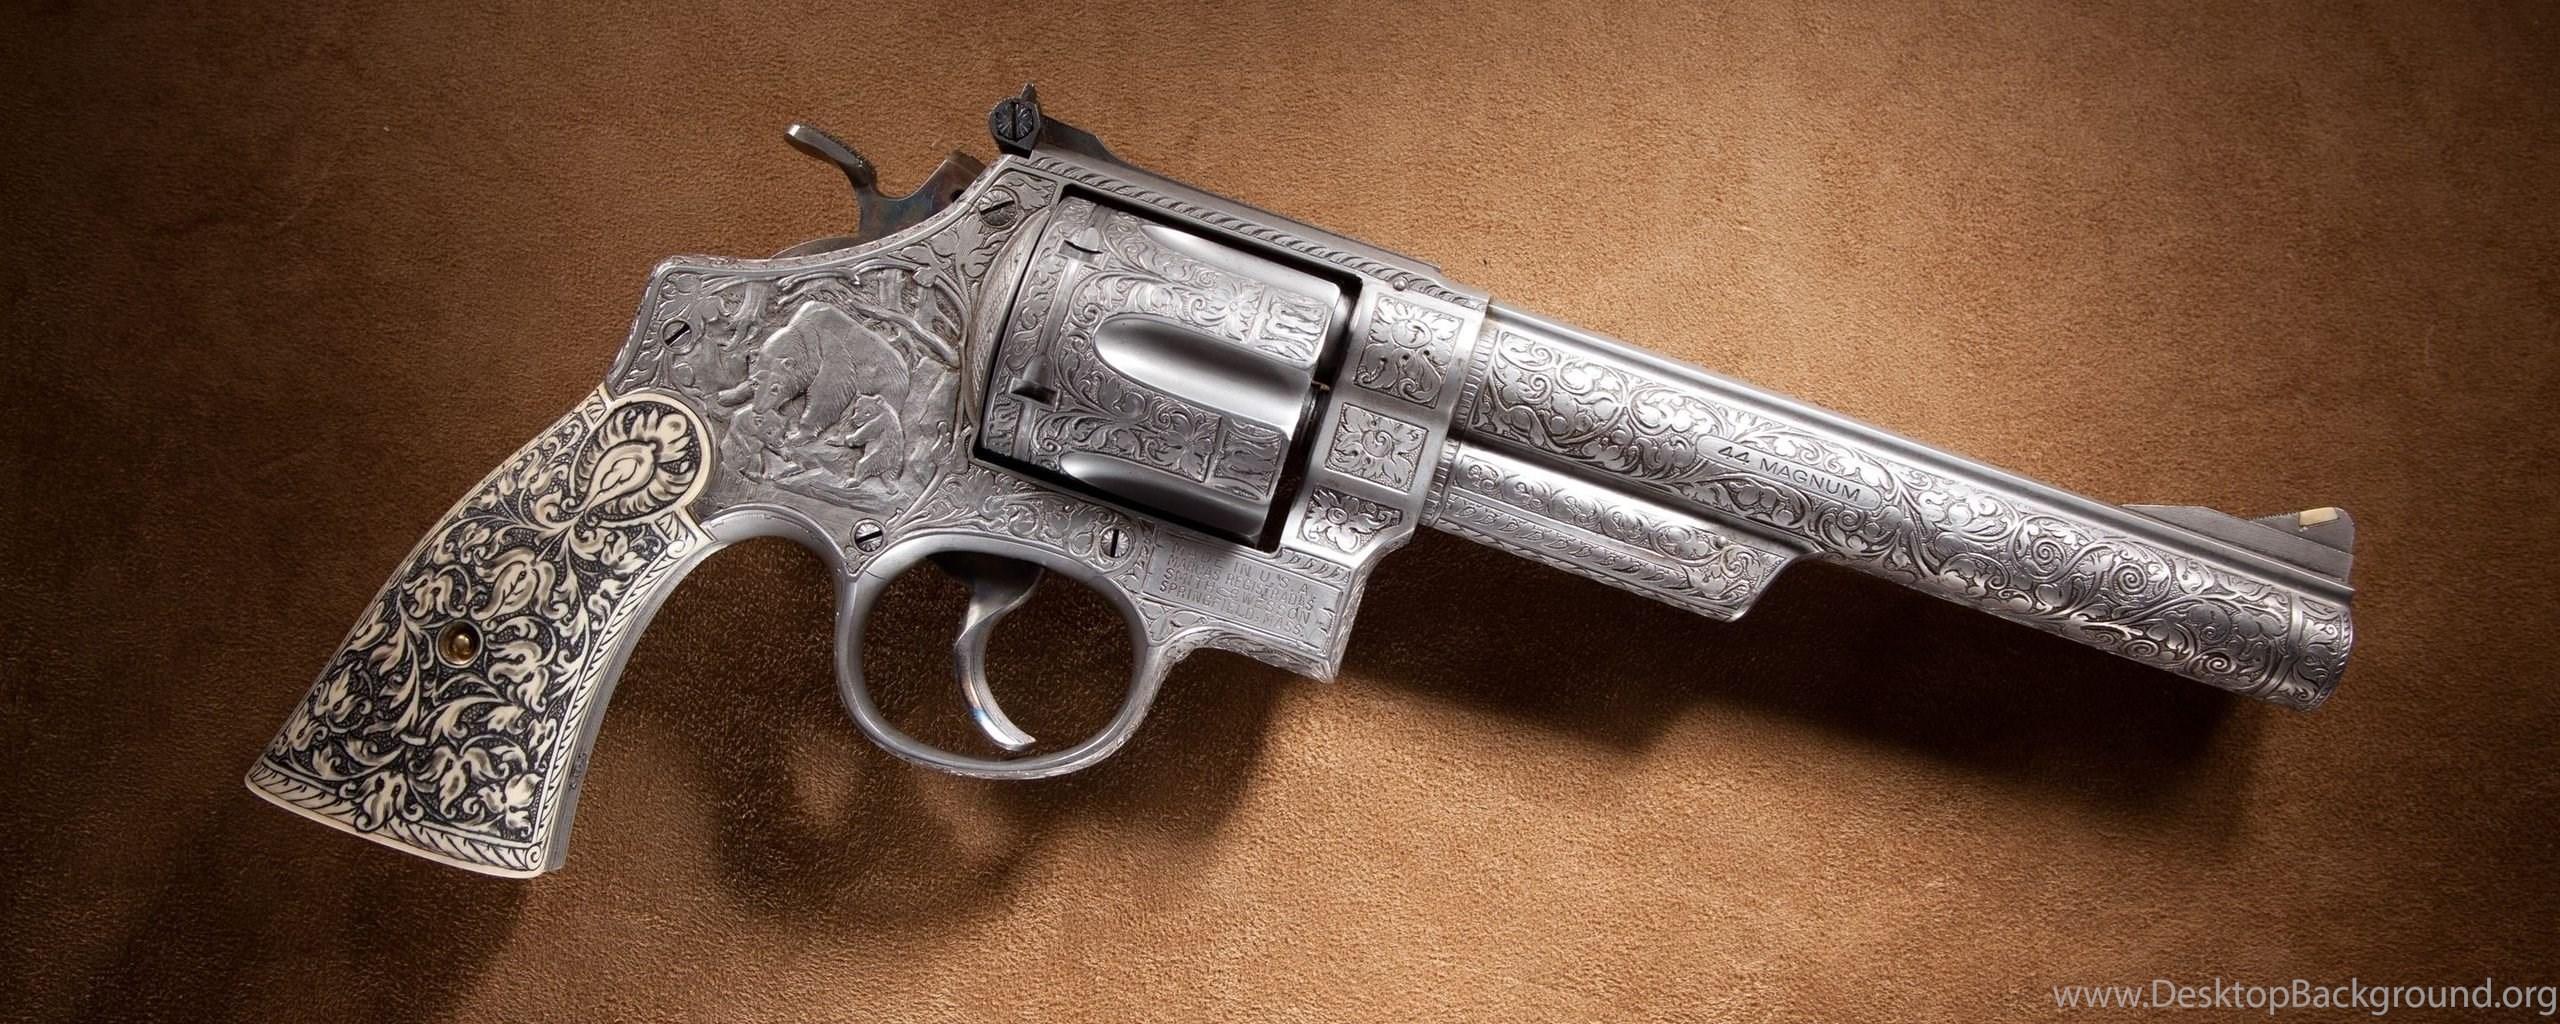 Nagant M1895 Gun Wallpapers Download Of Nagant Revolver